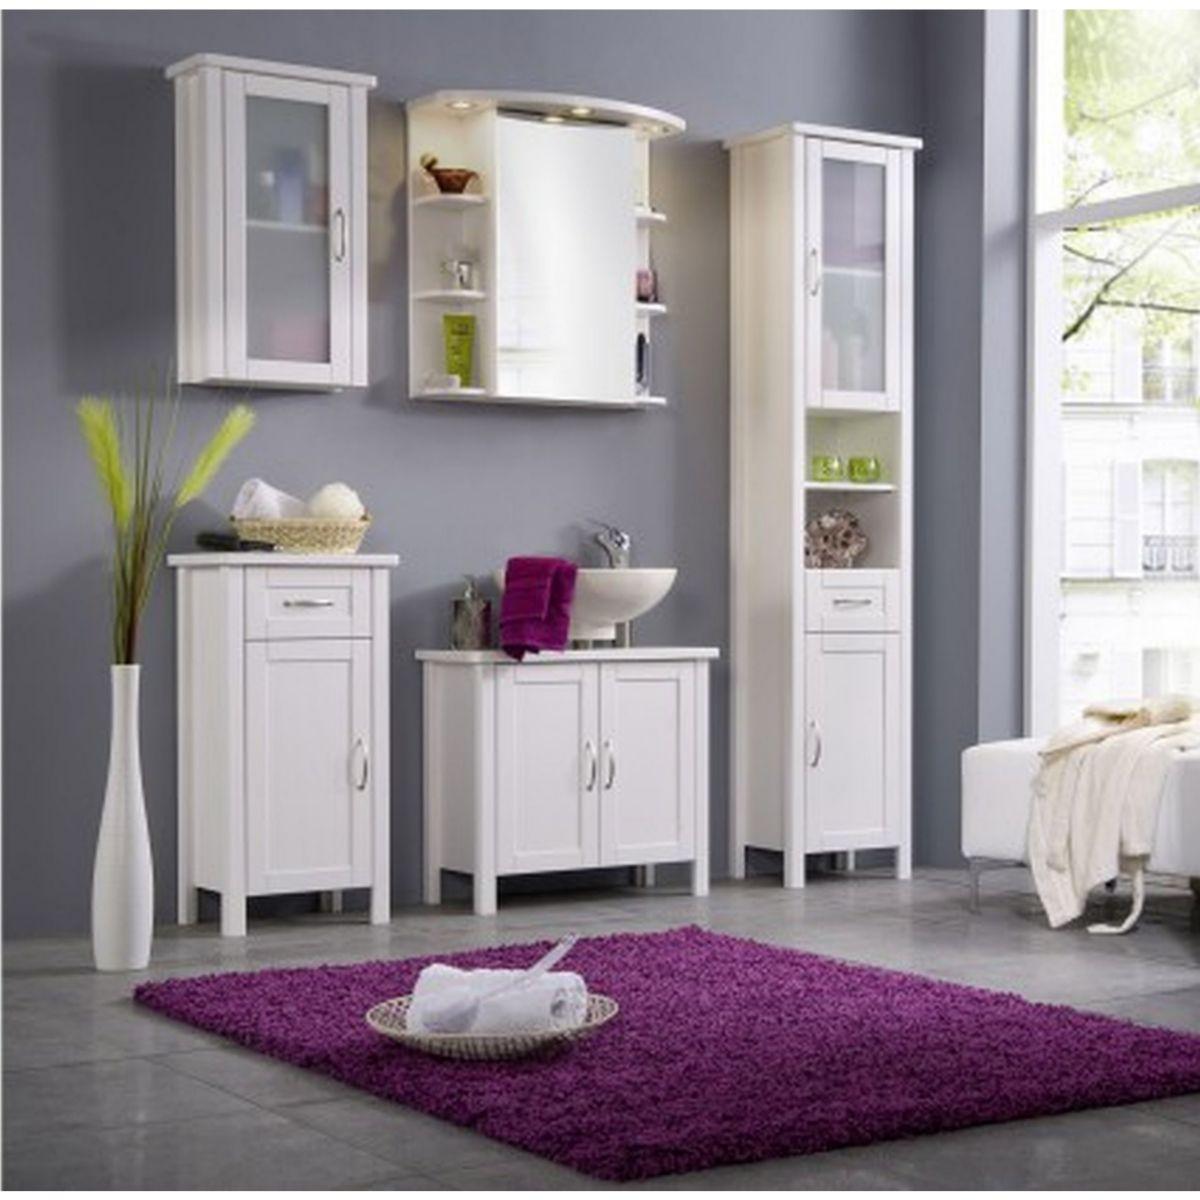 Cats Collection Badmöbel Set Kiefer massiv weiß gewachst Badezimmermöbel 5 teilig komplett jetztbilligerkaufen